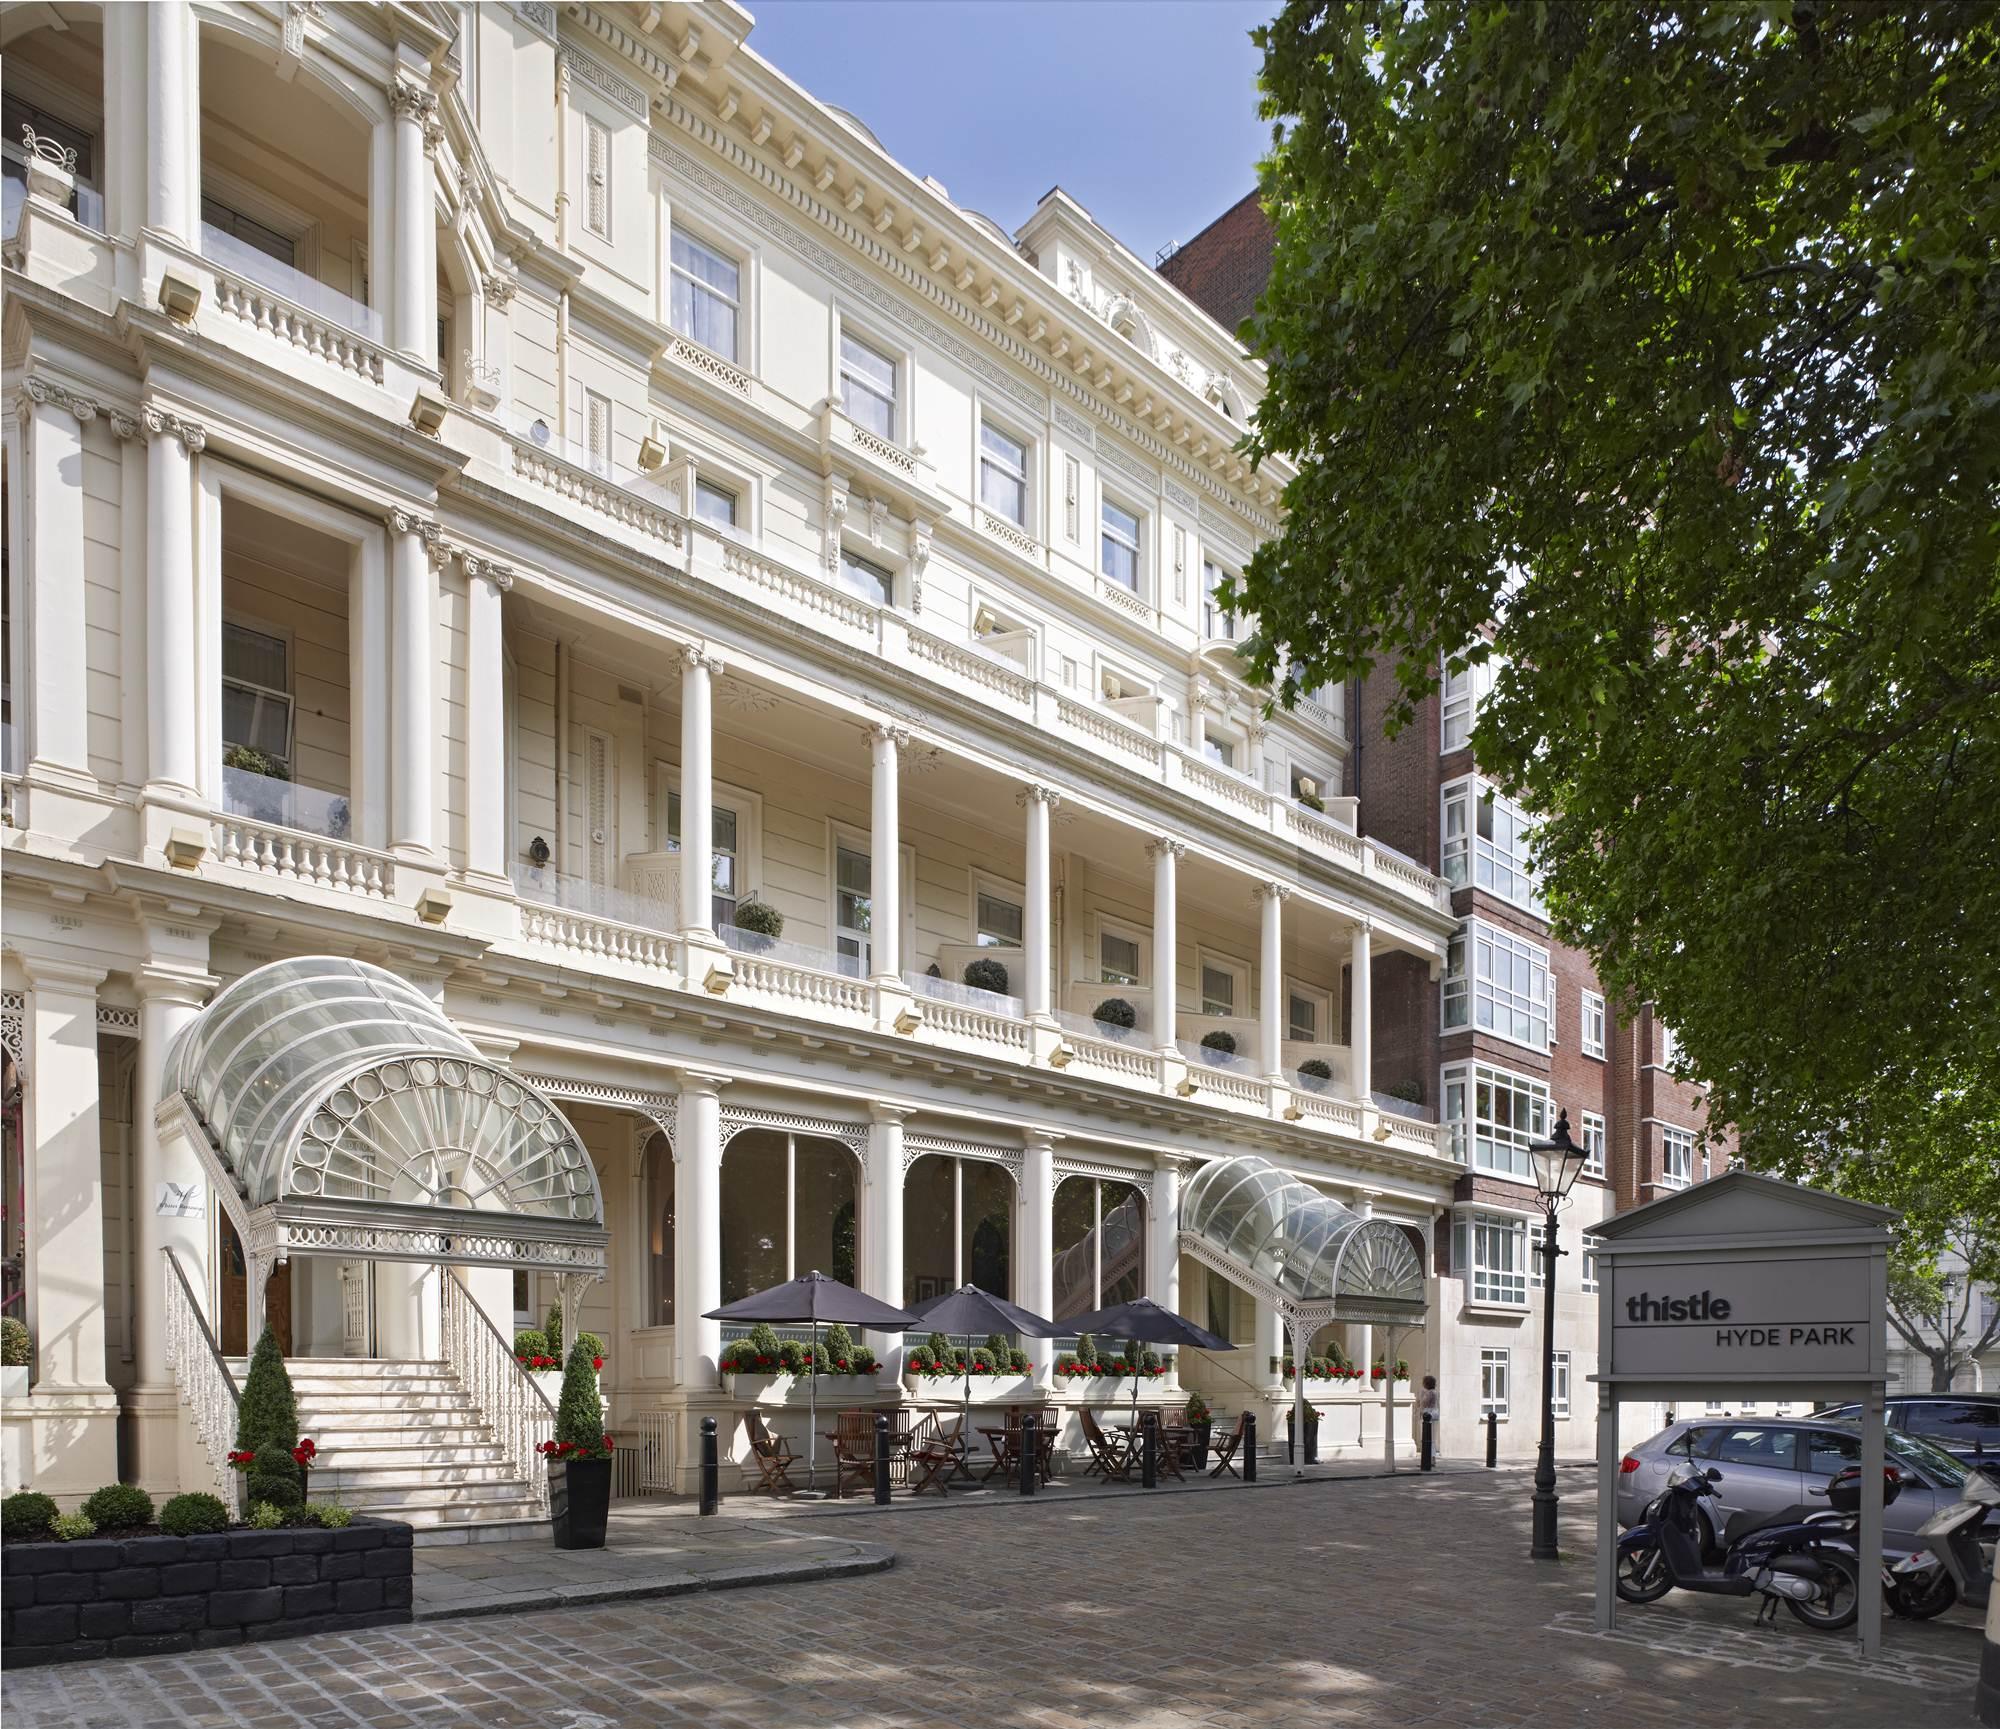 hotel hyde park de londres: